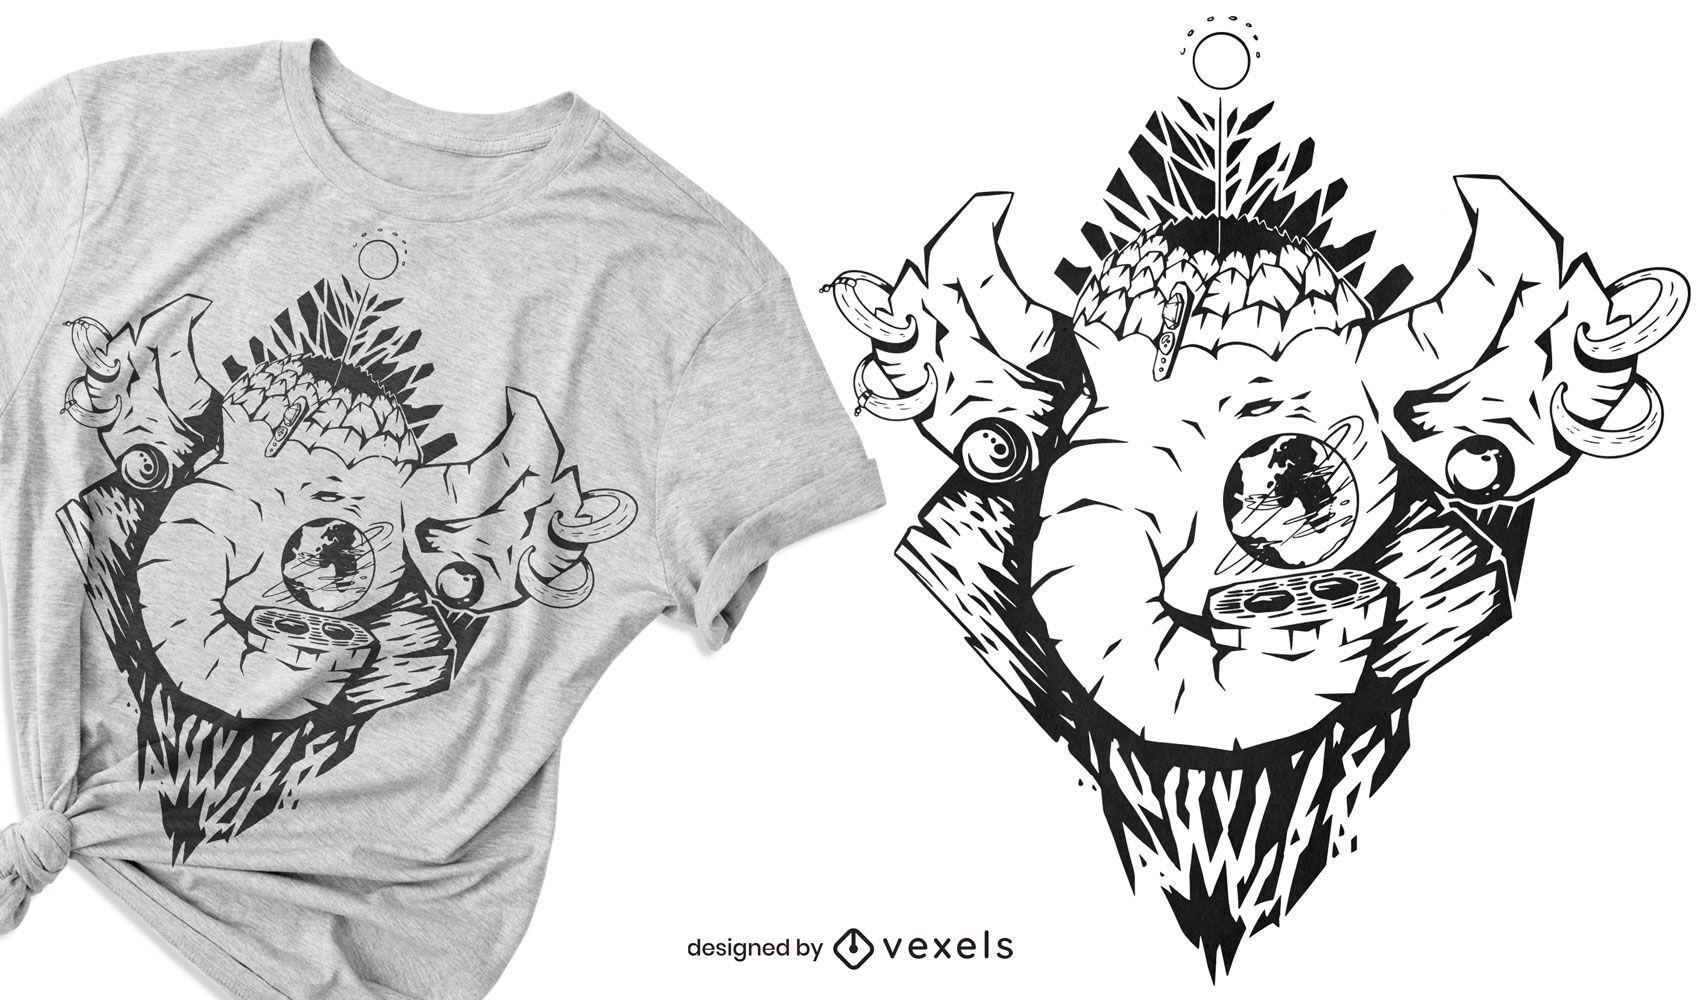 Mythical elephant t-shirt design